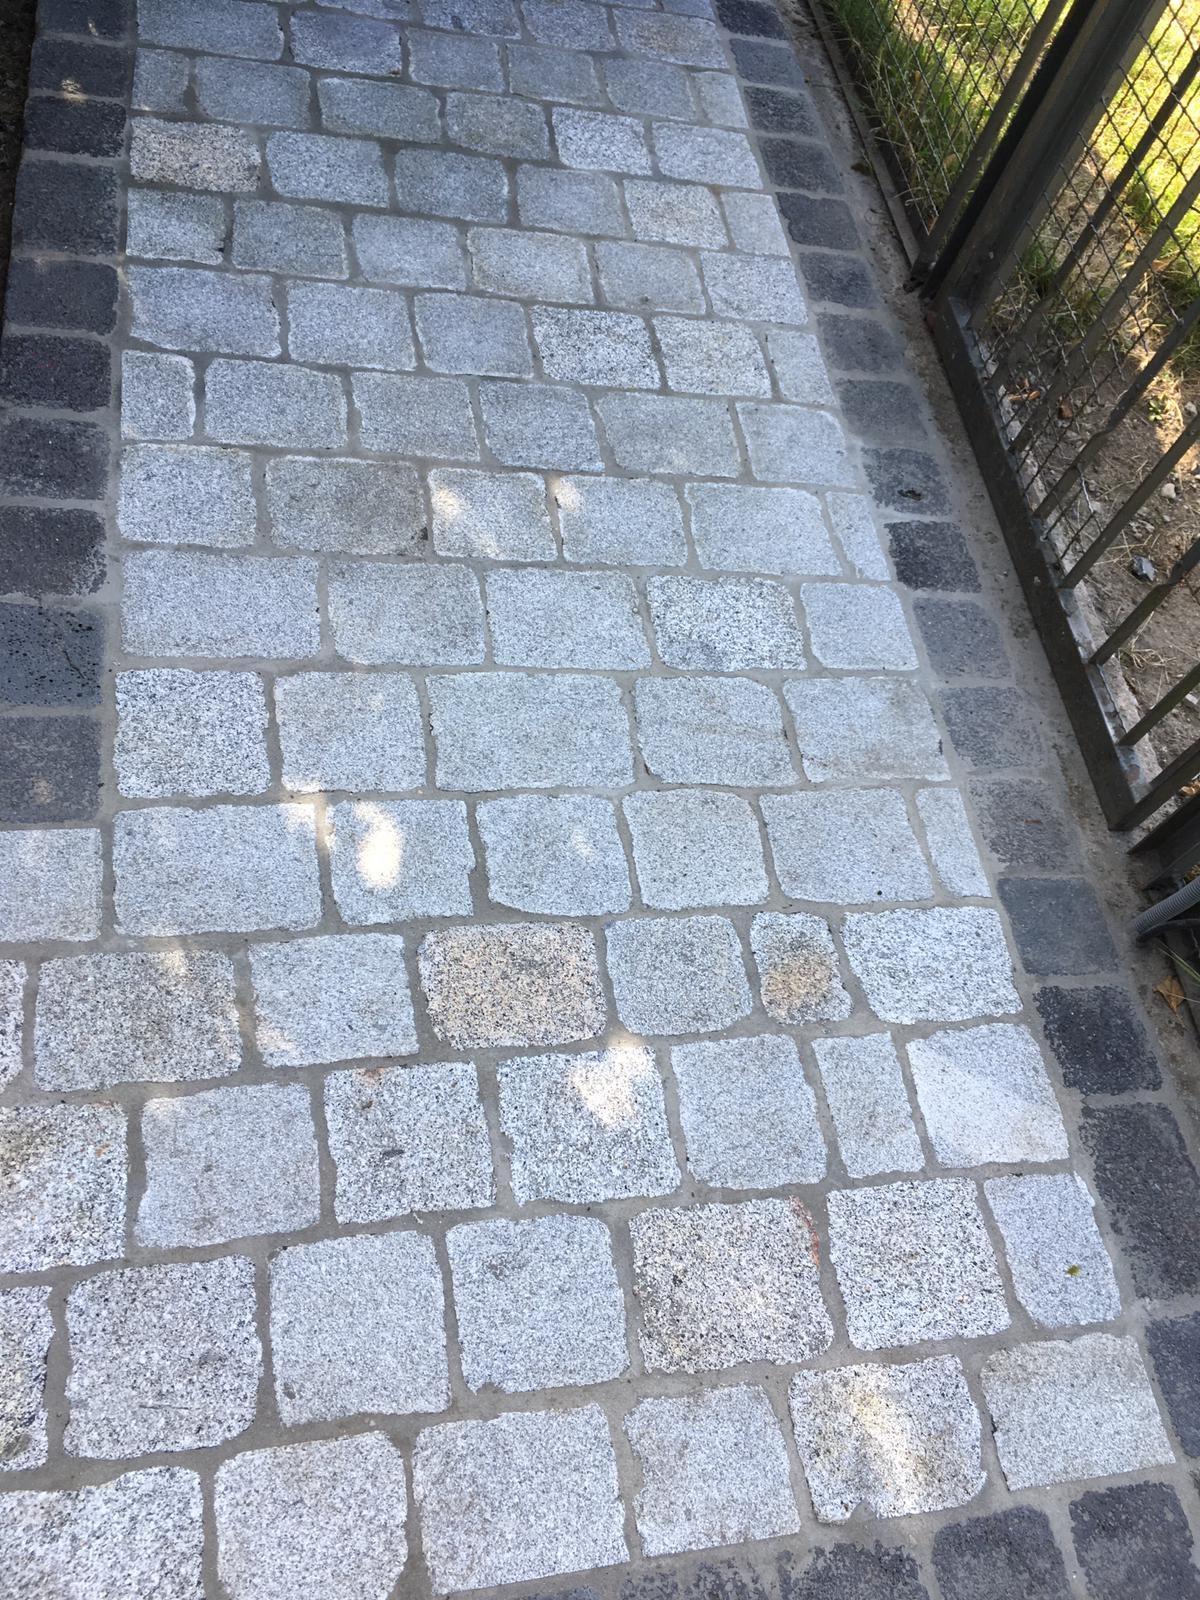 granit-großpflaster-gesägt-überwiegend-grau-schlacke (21)